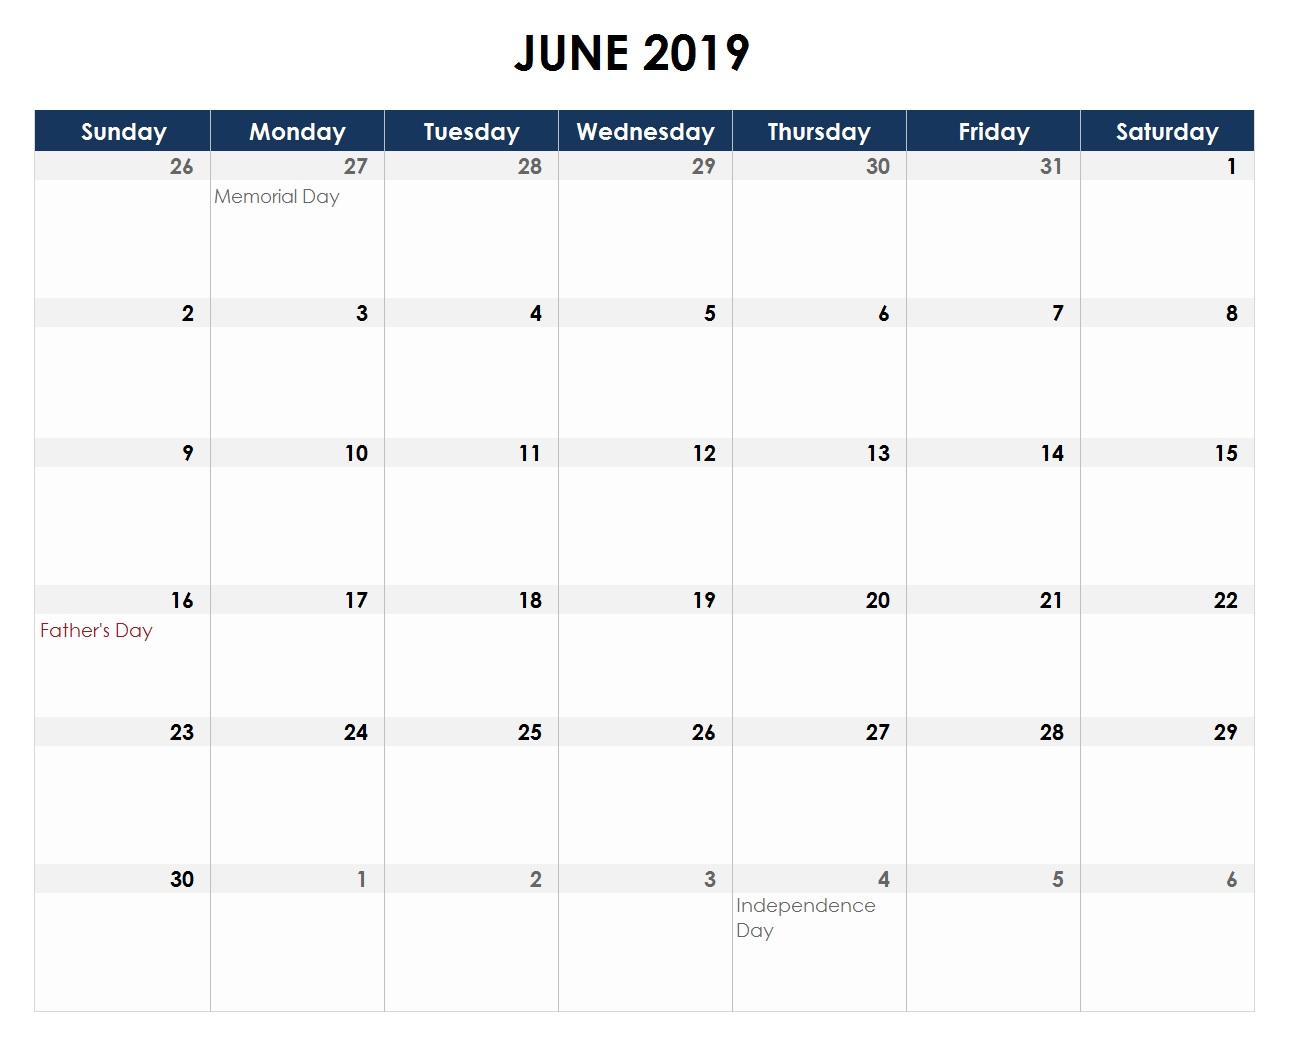 Excel Calendar June 2019